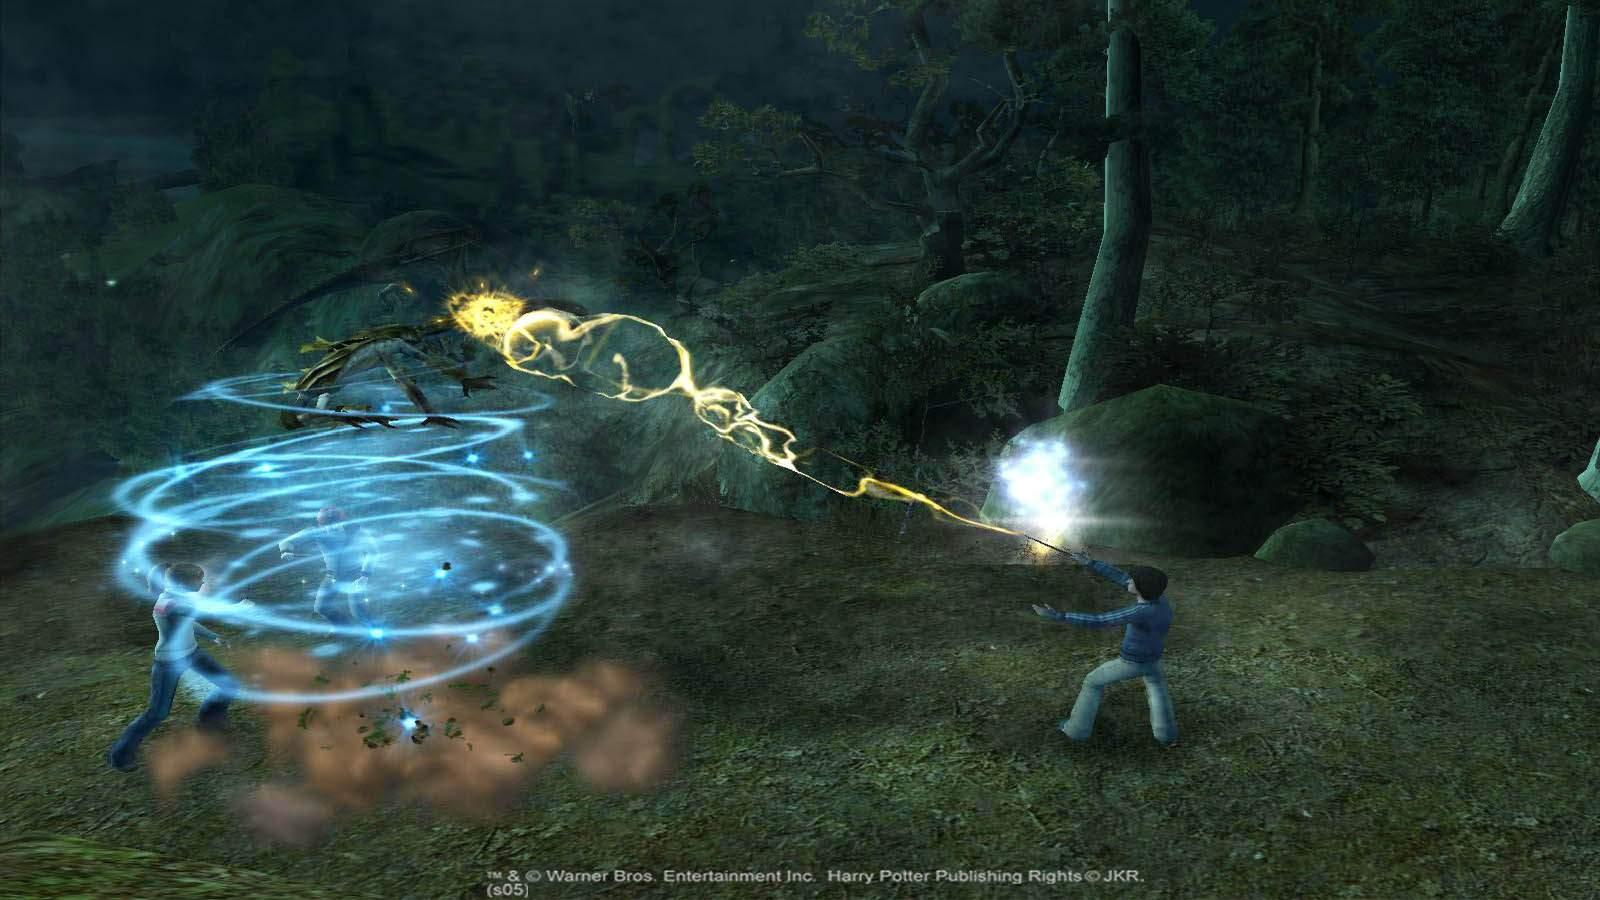 تحميل لعبة Harry Potter And The Goblet Of Fire مضغوطة برابط واحد مباشر + تورنت كاملة مجانا